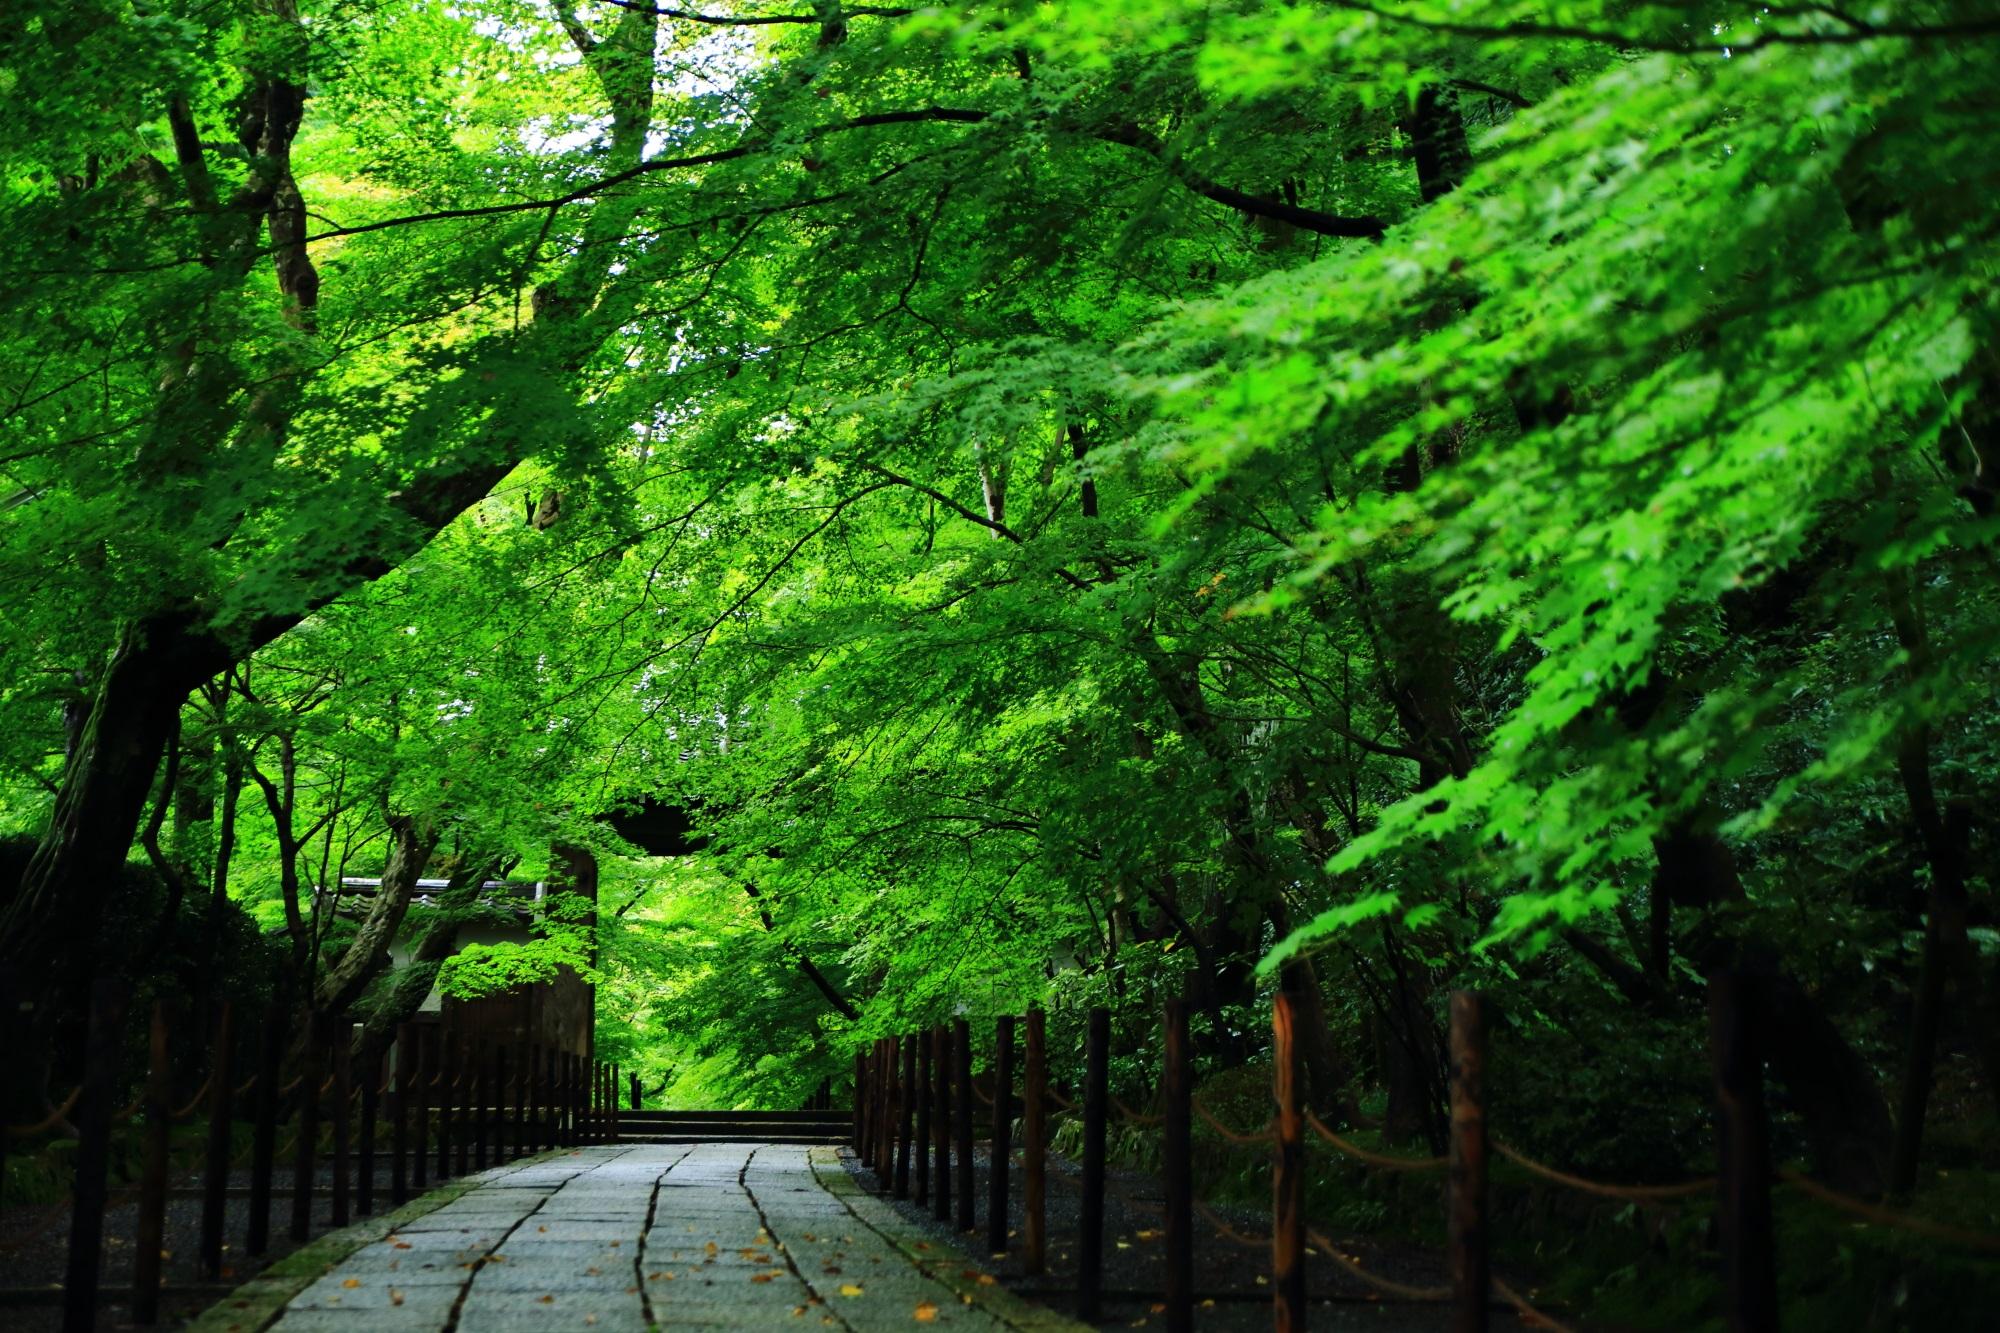 鮮やかな緑の青もみじにつつまれた長岡の光明寺(こうみょうじ)